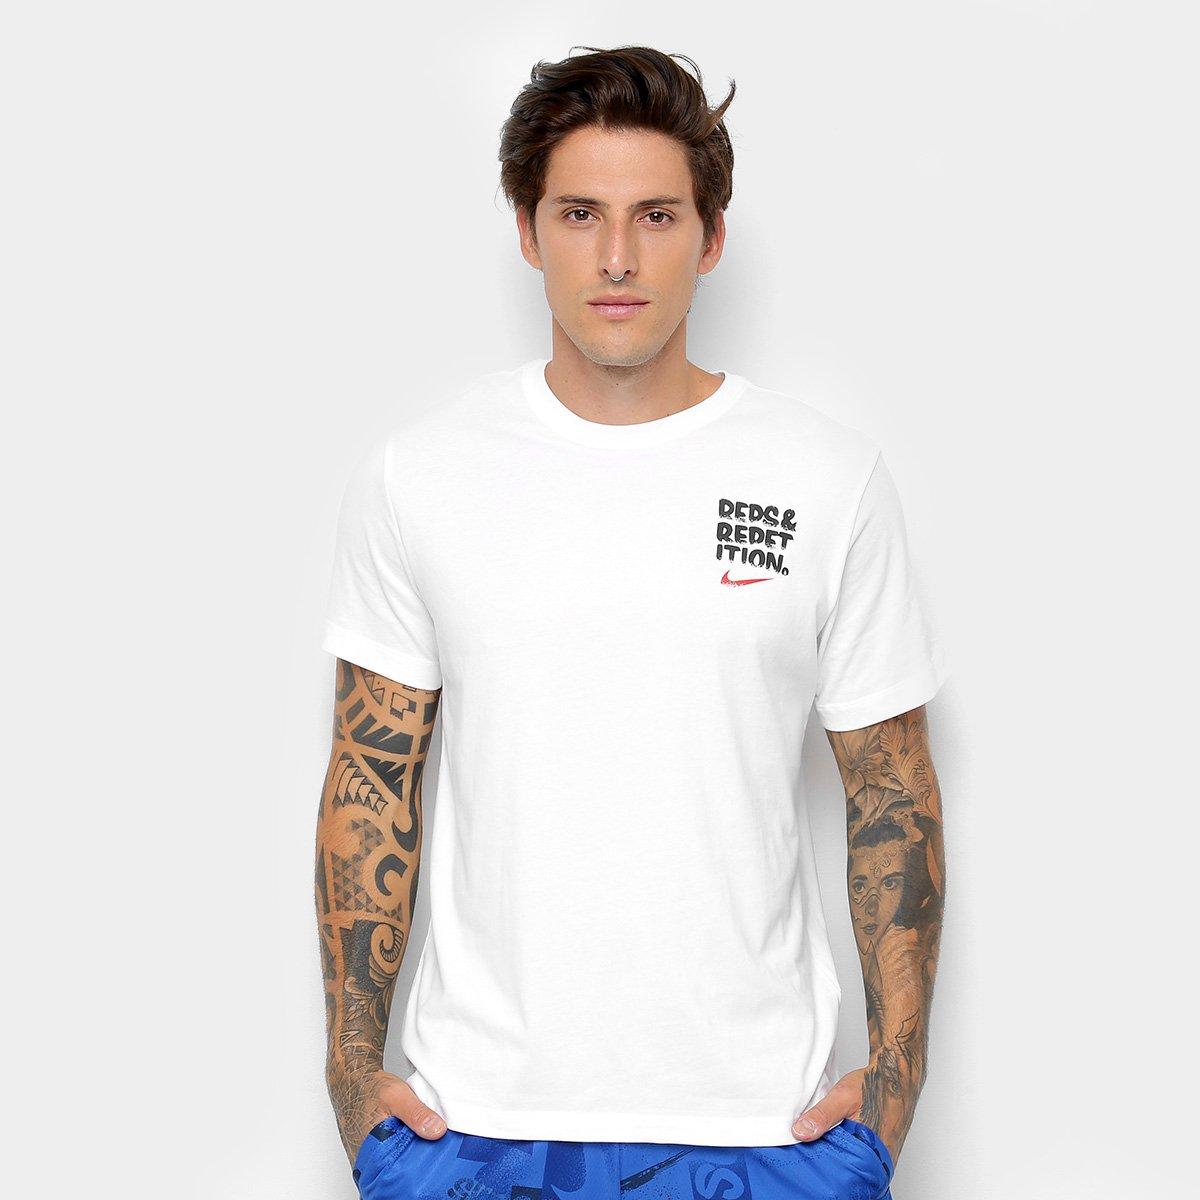 57a90f4b2dcf7 Camiseta Nike Dry Reps Masculina - Branco e Preto - Compre Agora ...